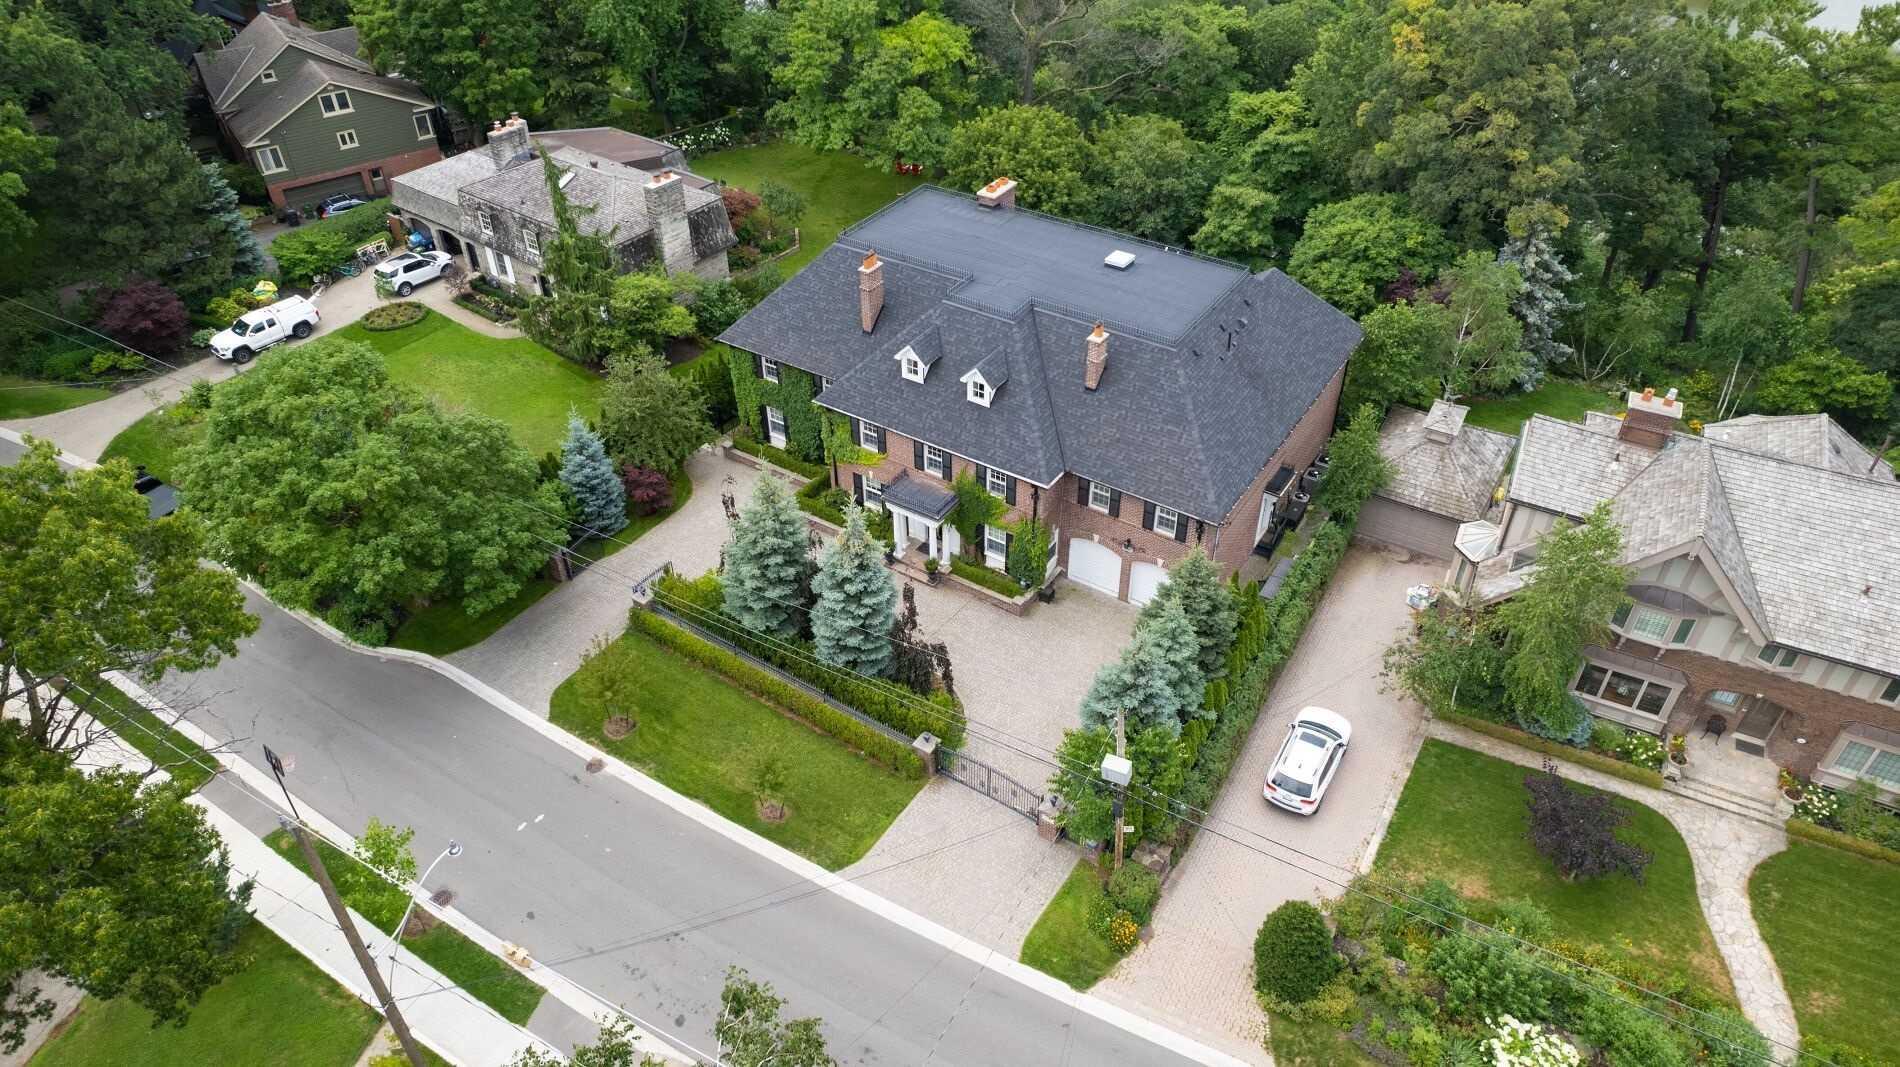 246 Riverside Dr, Toronto, M6S4A9